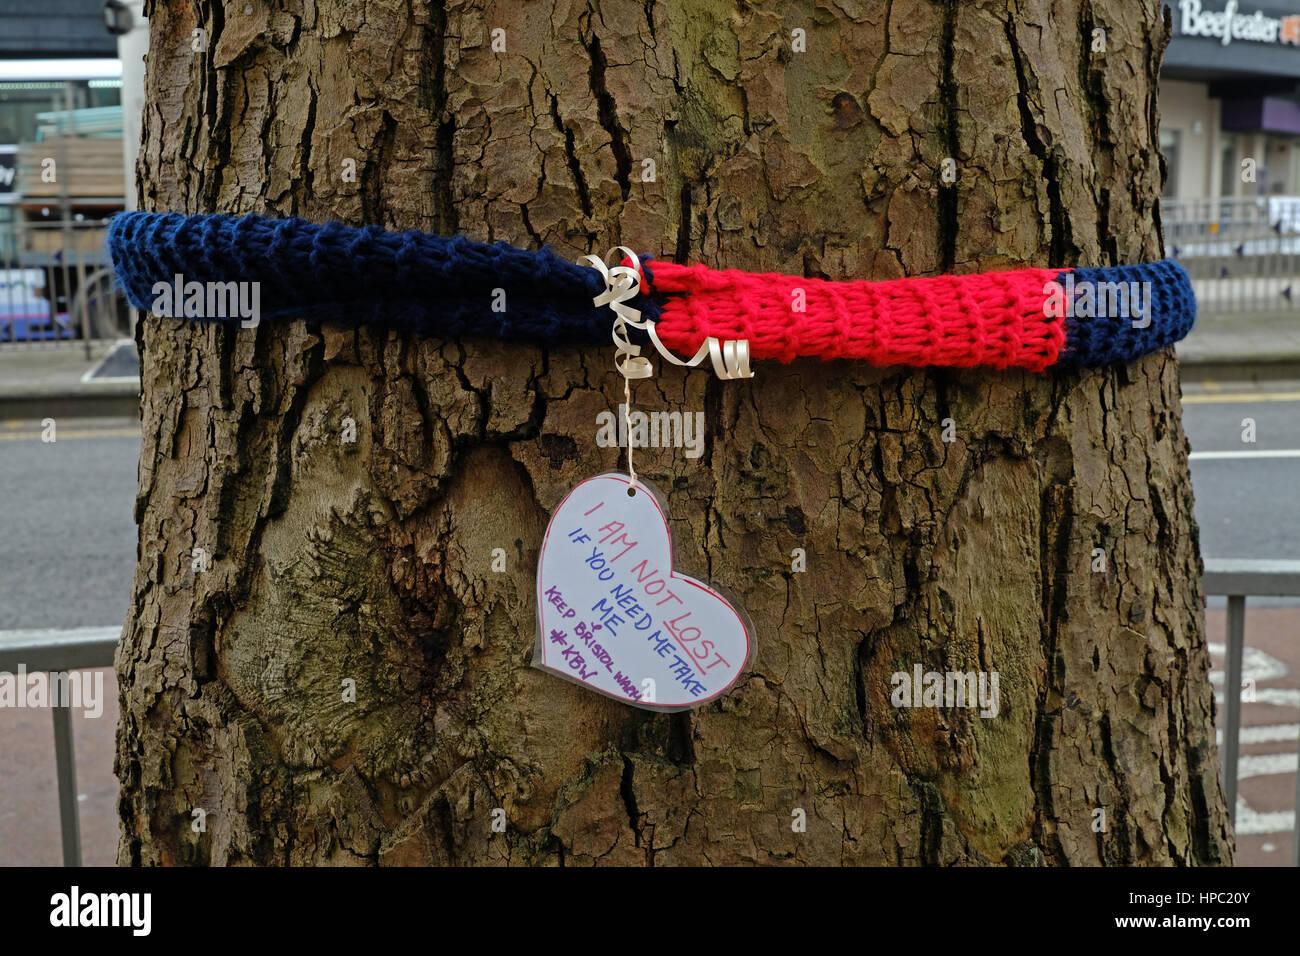 Lost Scarf Immagini   Lost Scarf Fotos Stock - Alamy b43cc9546eab